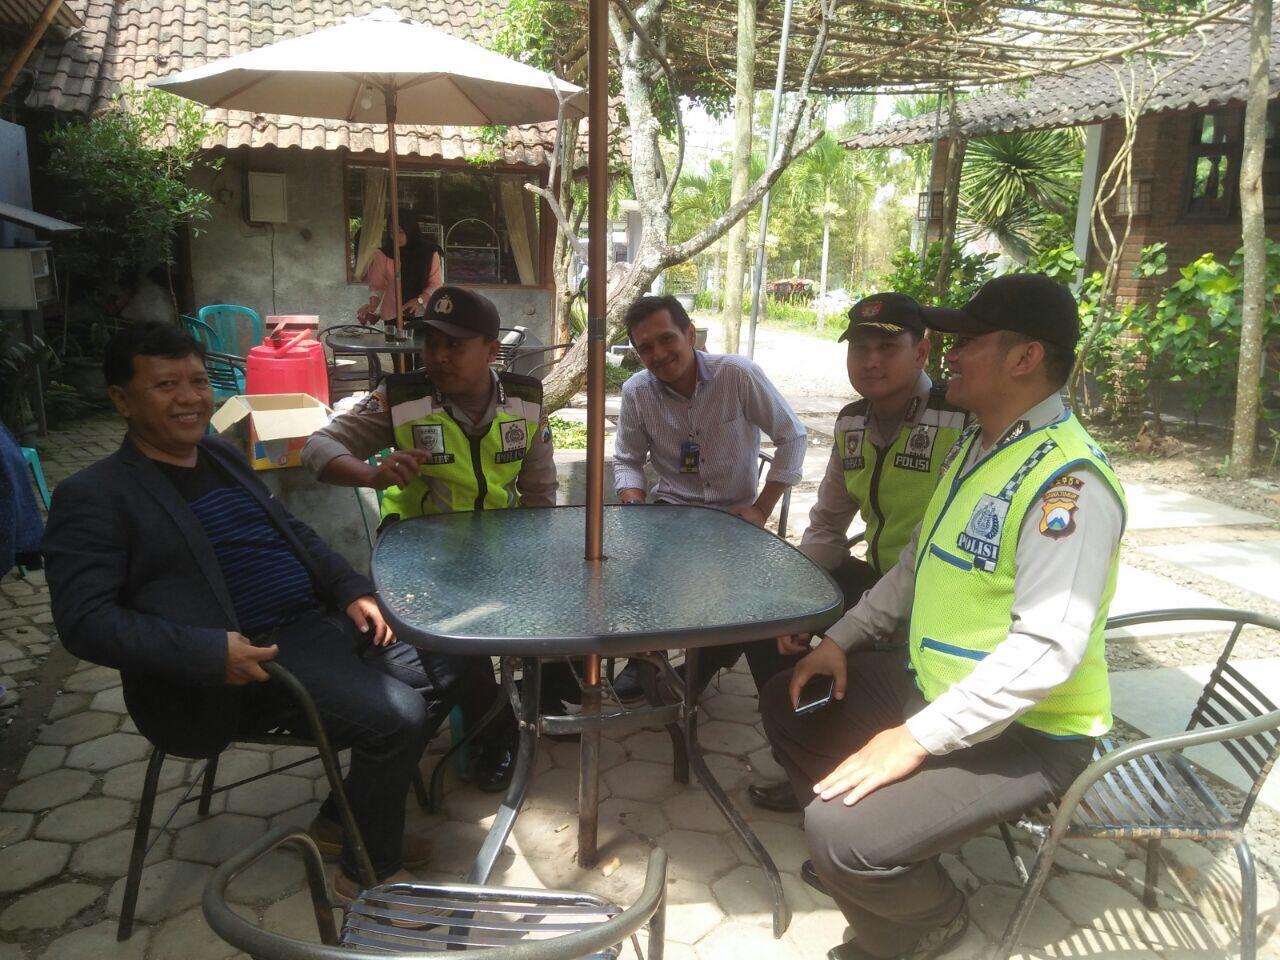 Anggota Polsek Bumiaji Polres Batu Giatkan Patroli Wilayah Rutin Bersama Warga Untuk menjaga Kmatibmas Kondusif